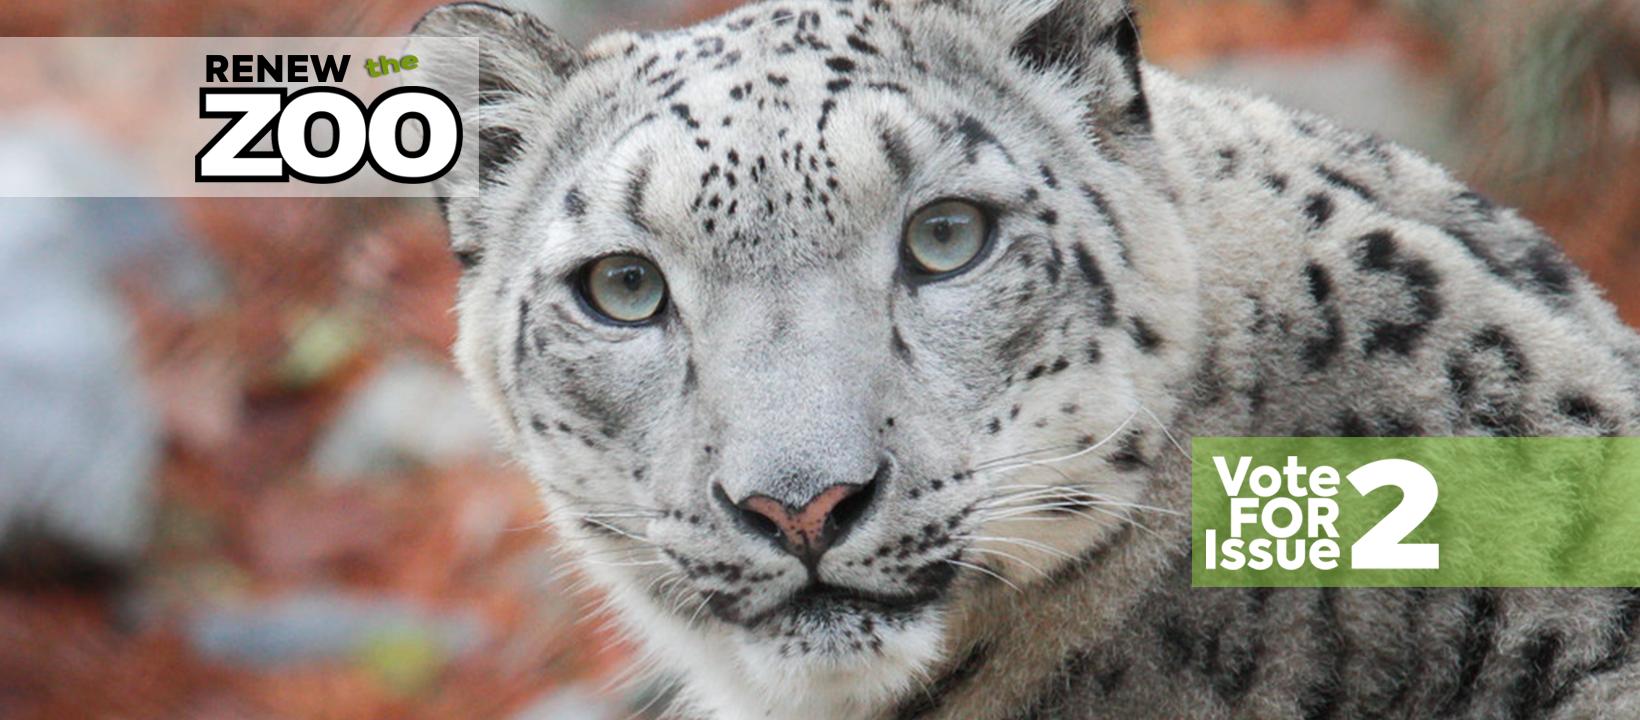 snowleopard_renji